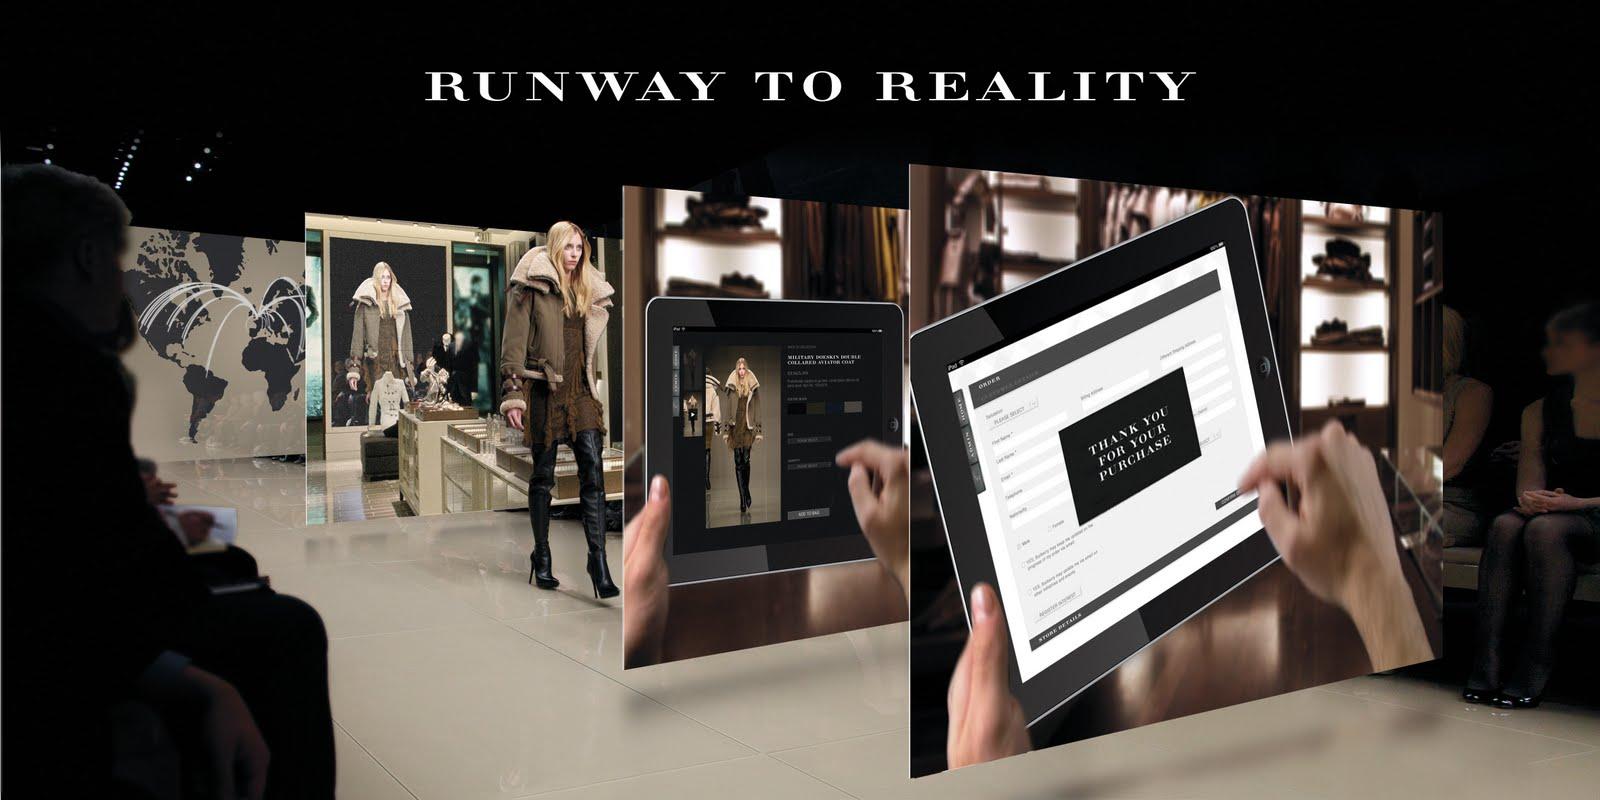 ¿Cómo aumentar las ventas de artículos de lujo utilizando la innovación?